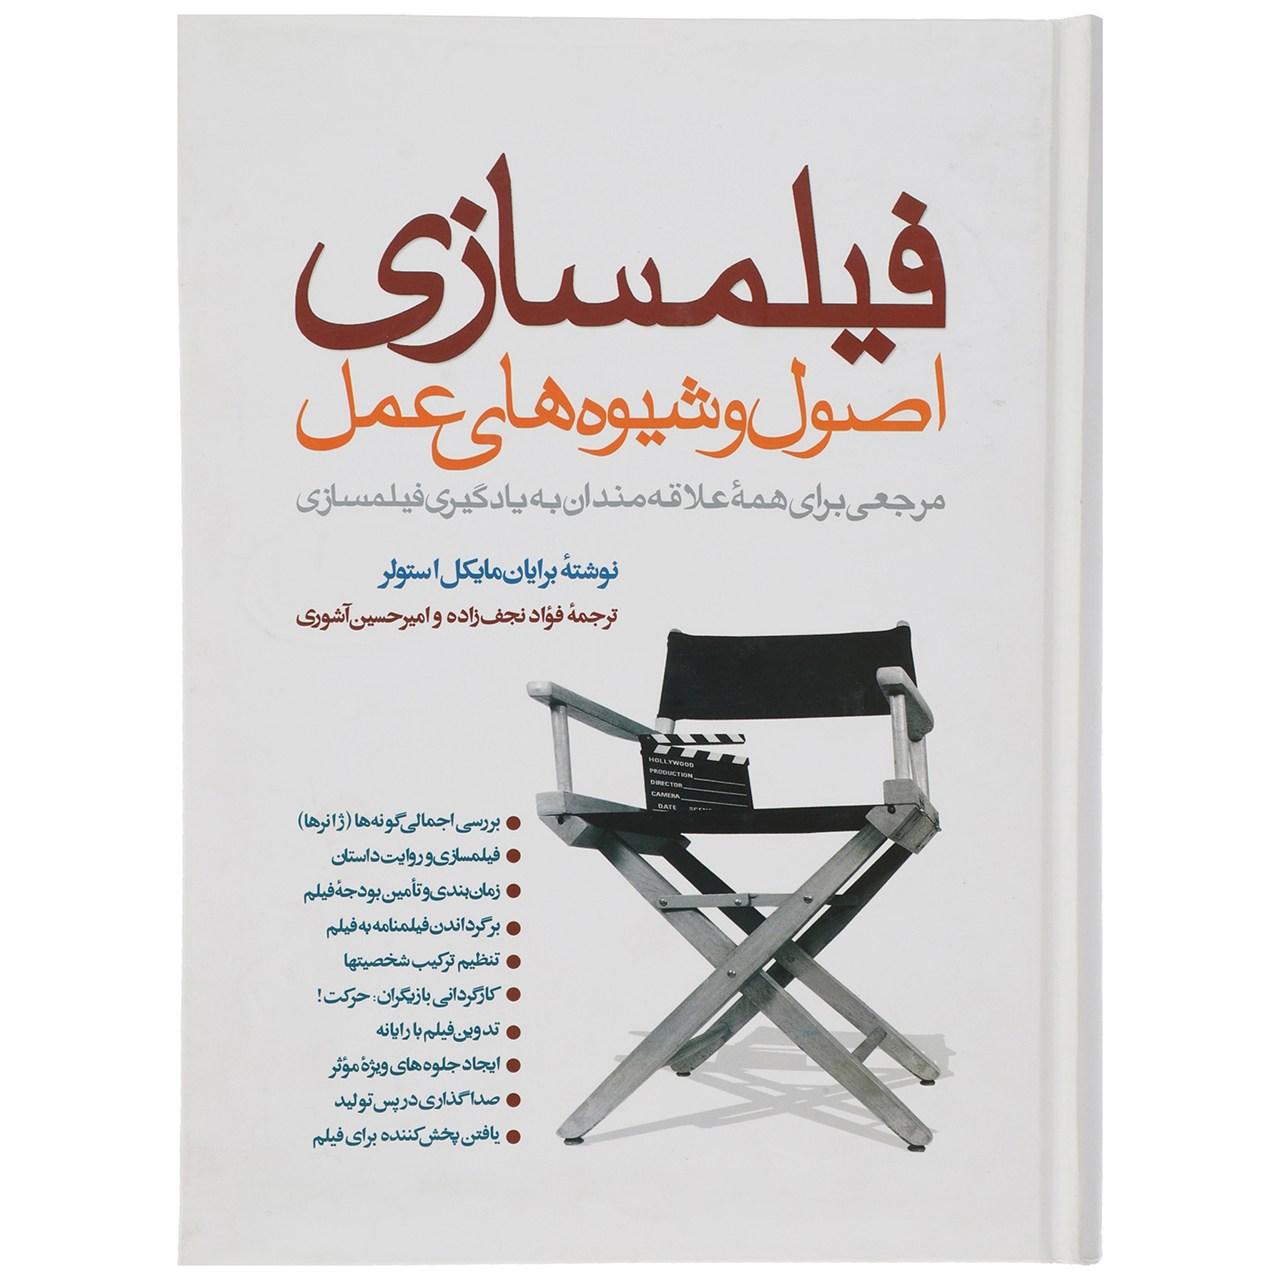 کتاب فیلمسازی اثر برایان مایکل استولر